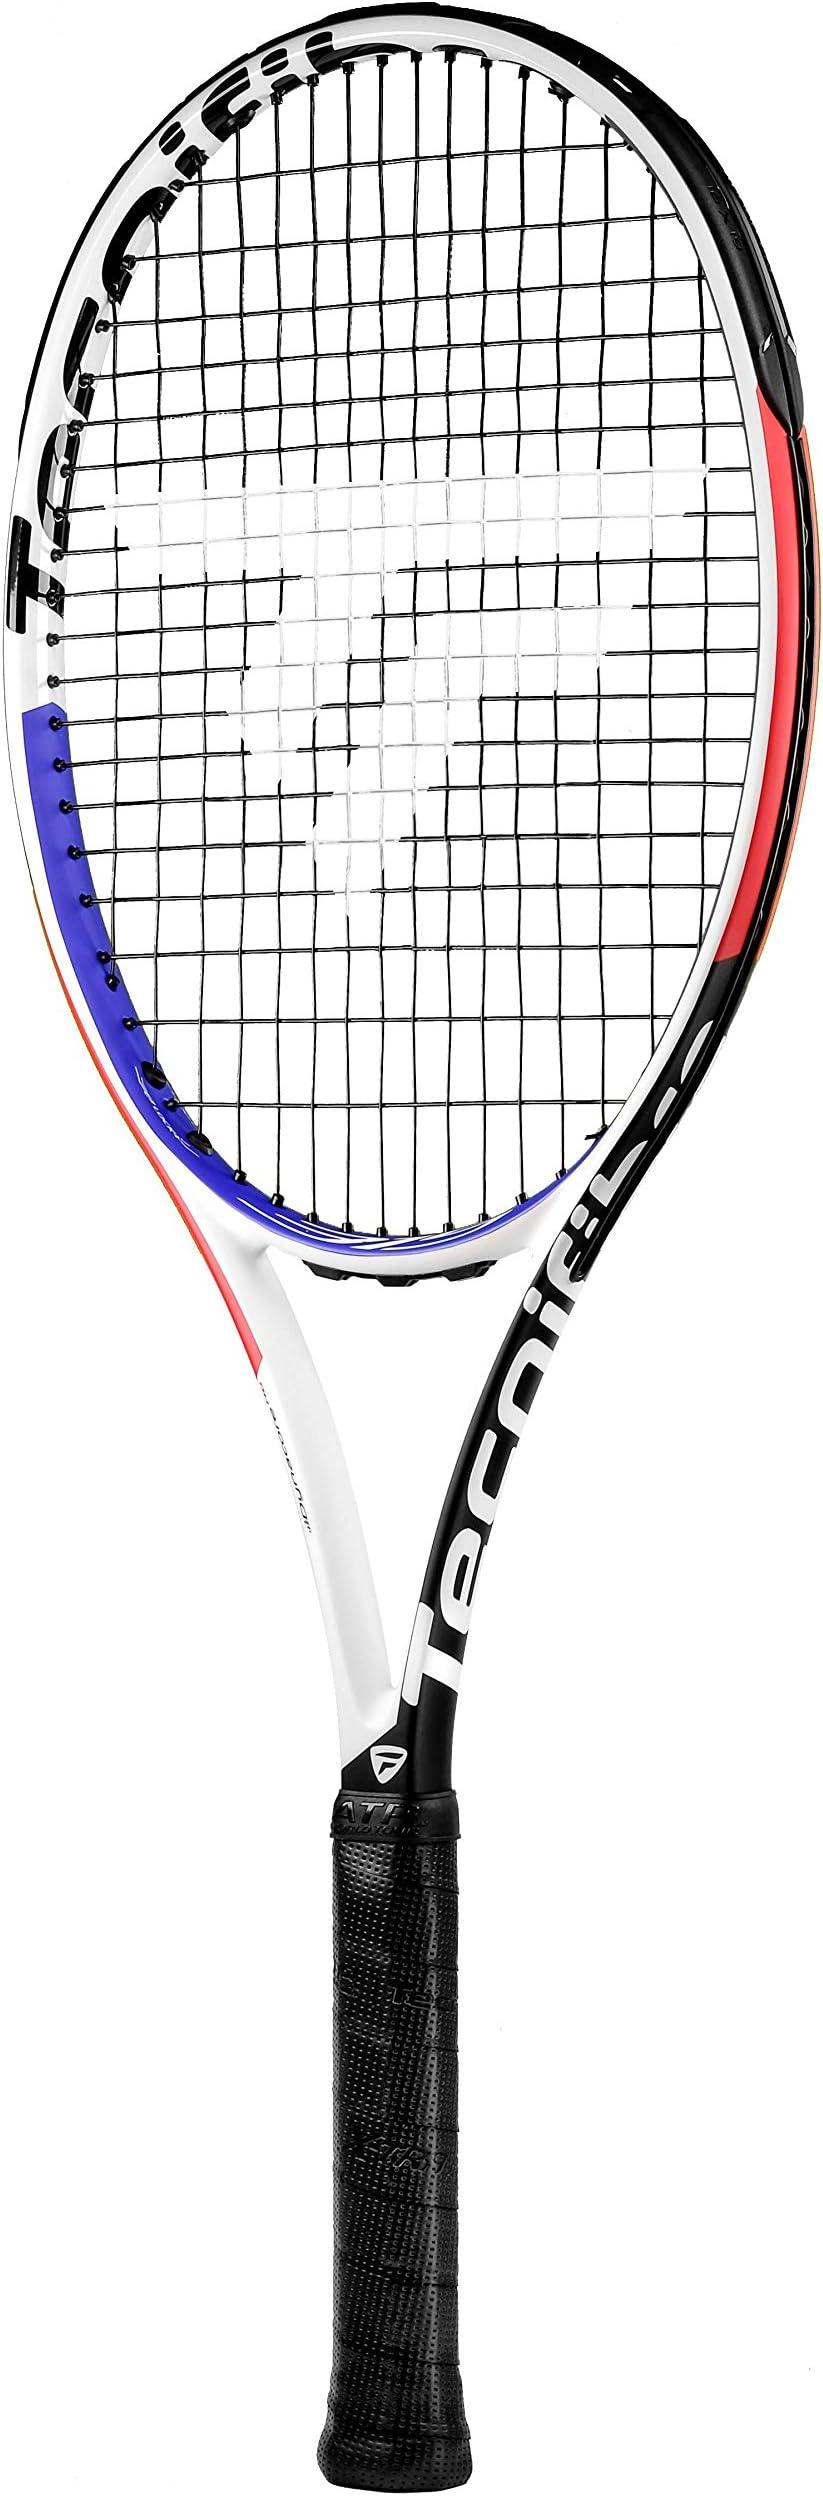 Racchetta da tennis tecnifibre tfight 305 xtc BRFT02